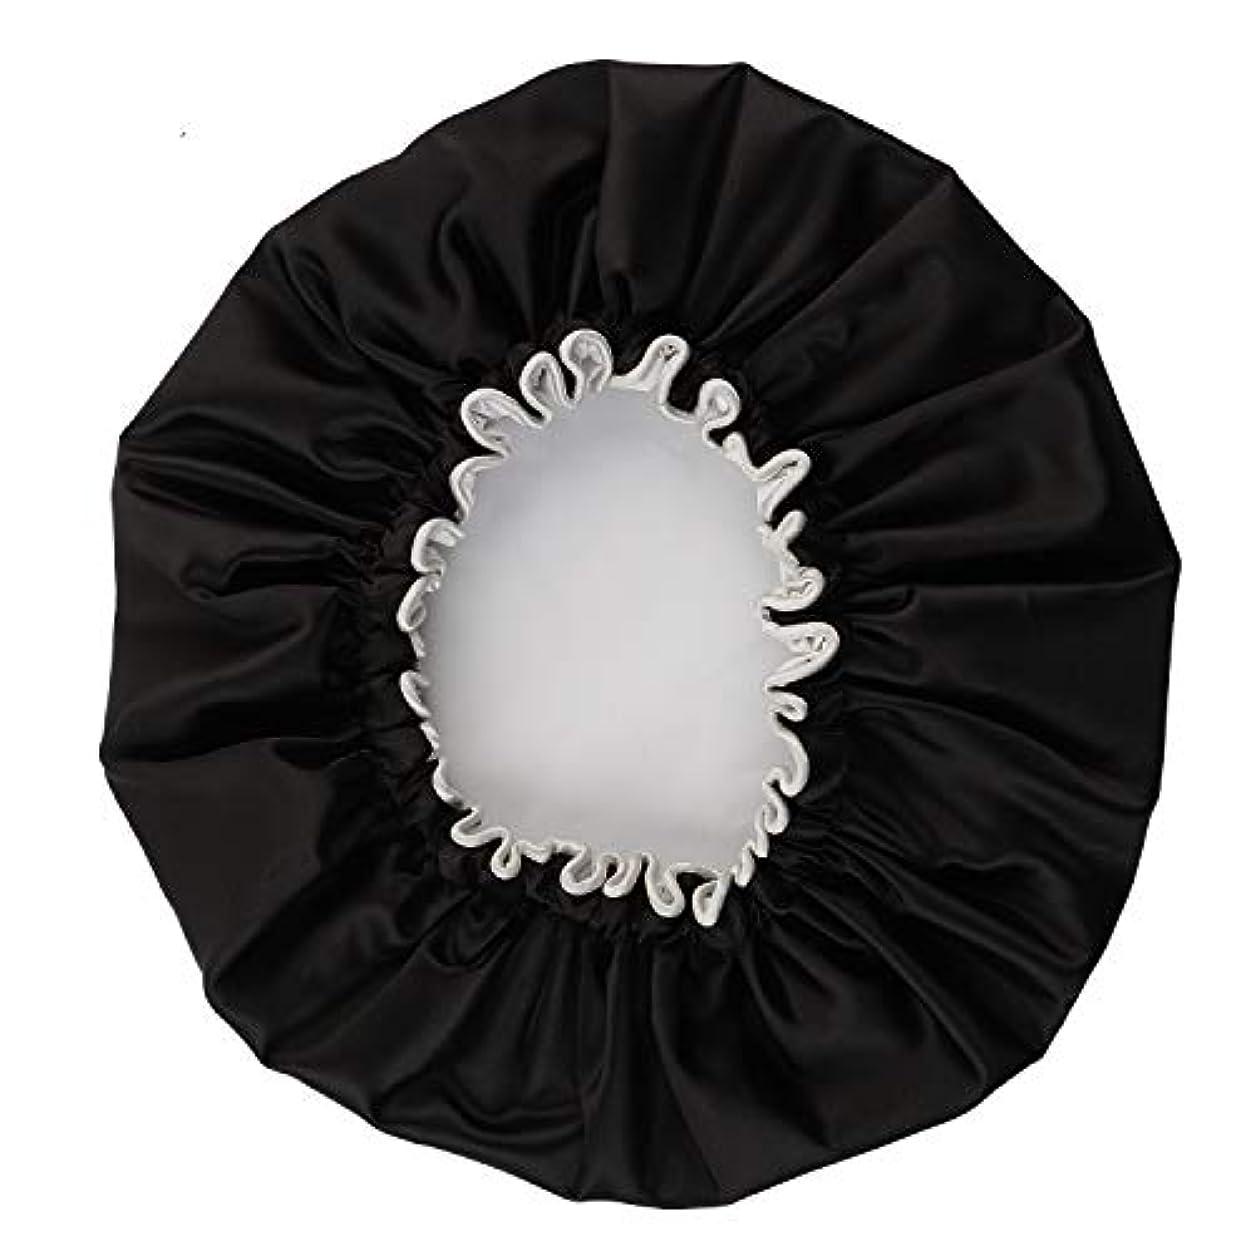 位置づけるシロクマNEOVIVA シャワーキャップ 可愛い ヘアキャップ ヘアーキャップ ヘアーターバン 防水帽 入浴キャップ 帽子 お風呂 旅行セット ブラック